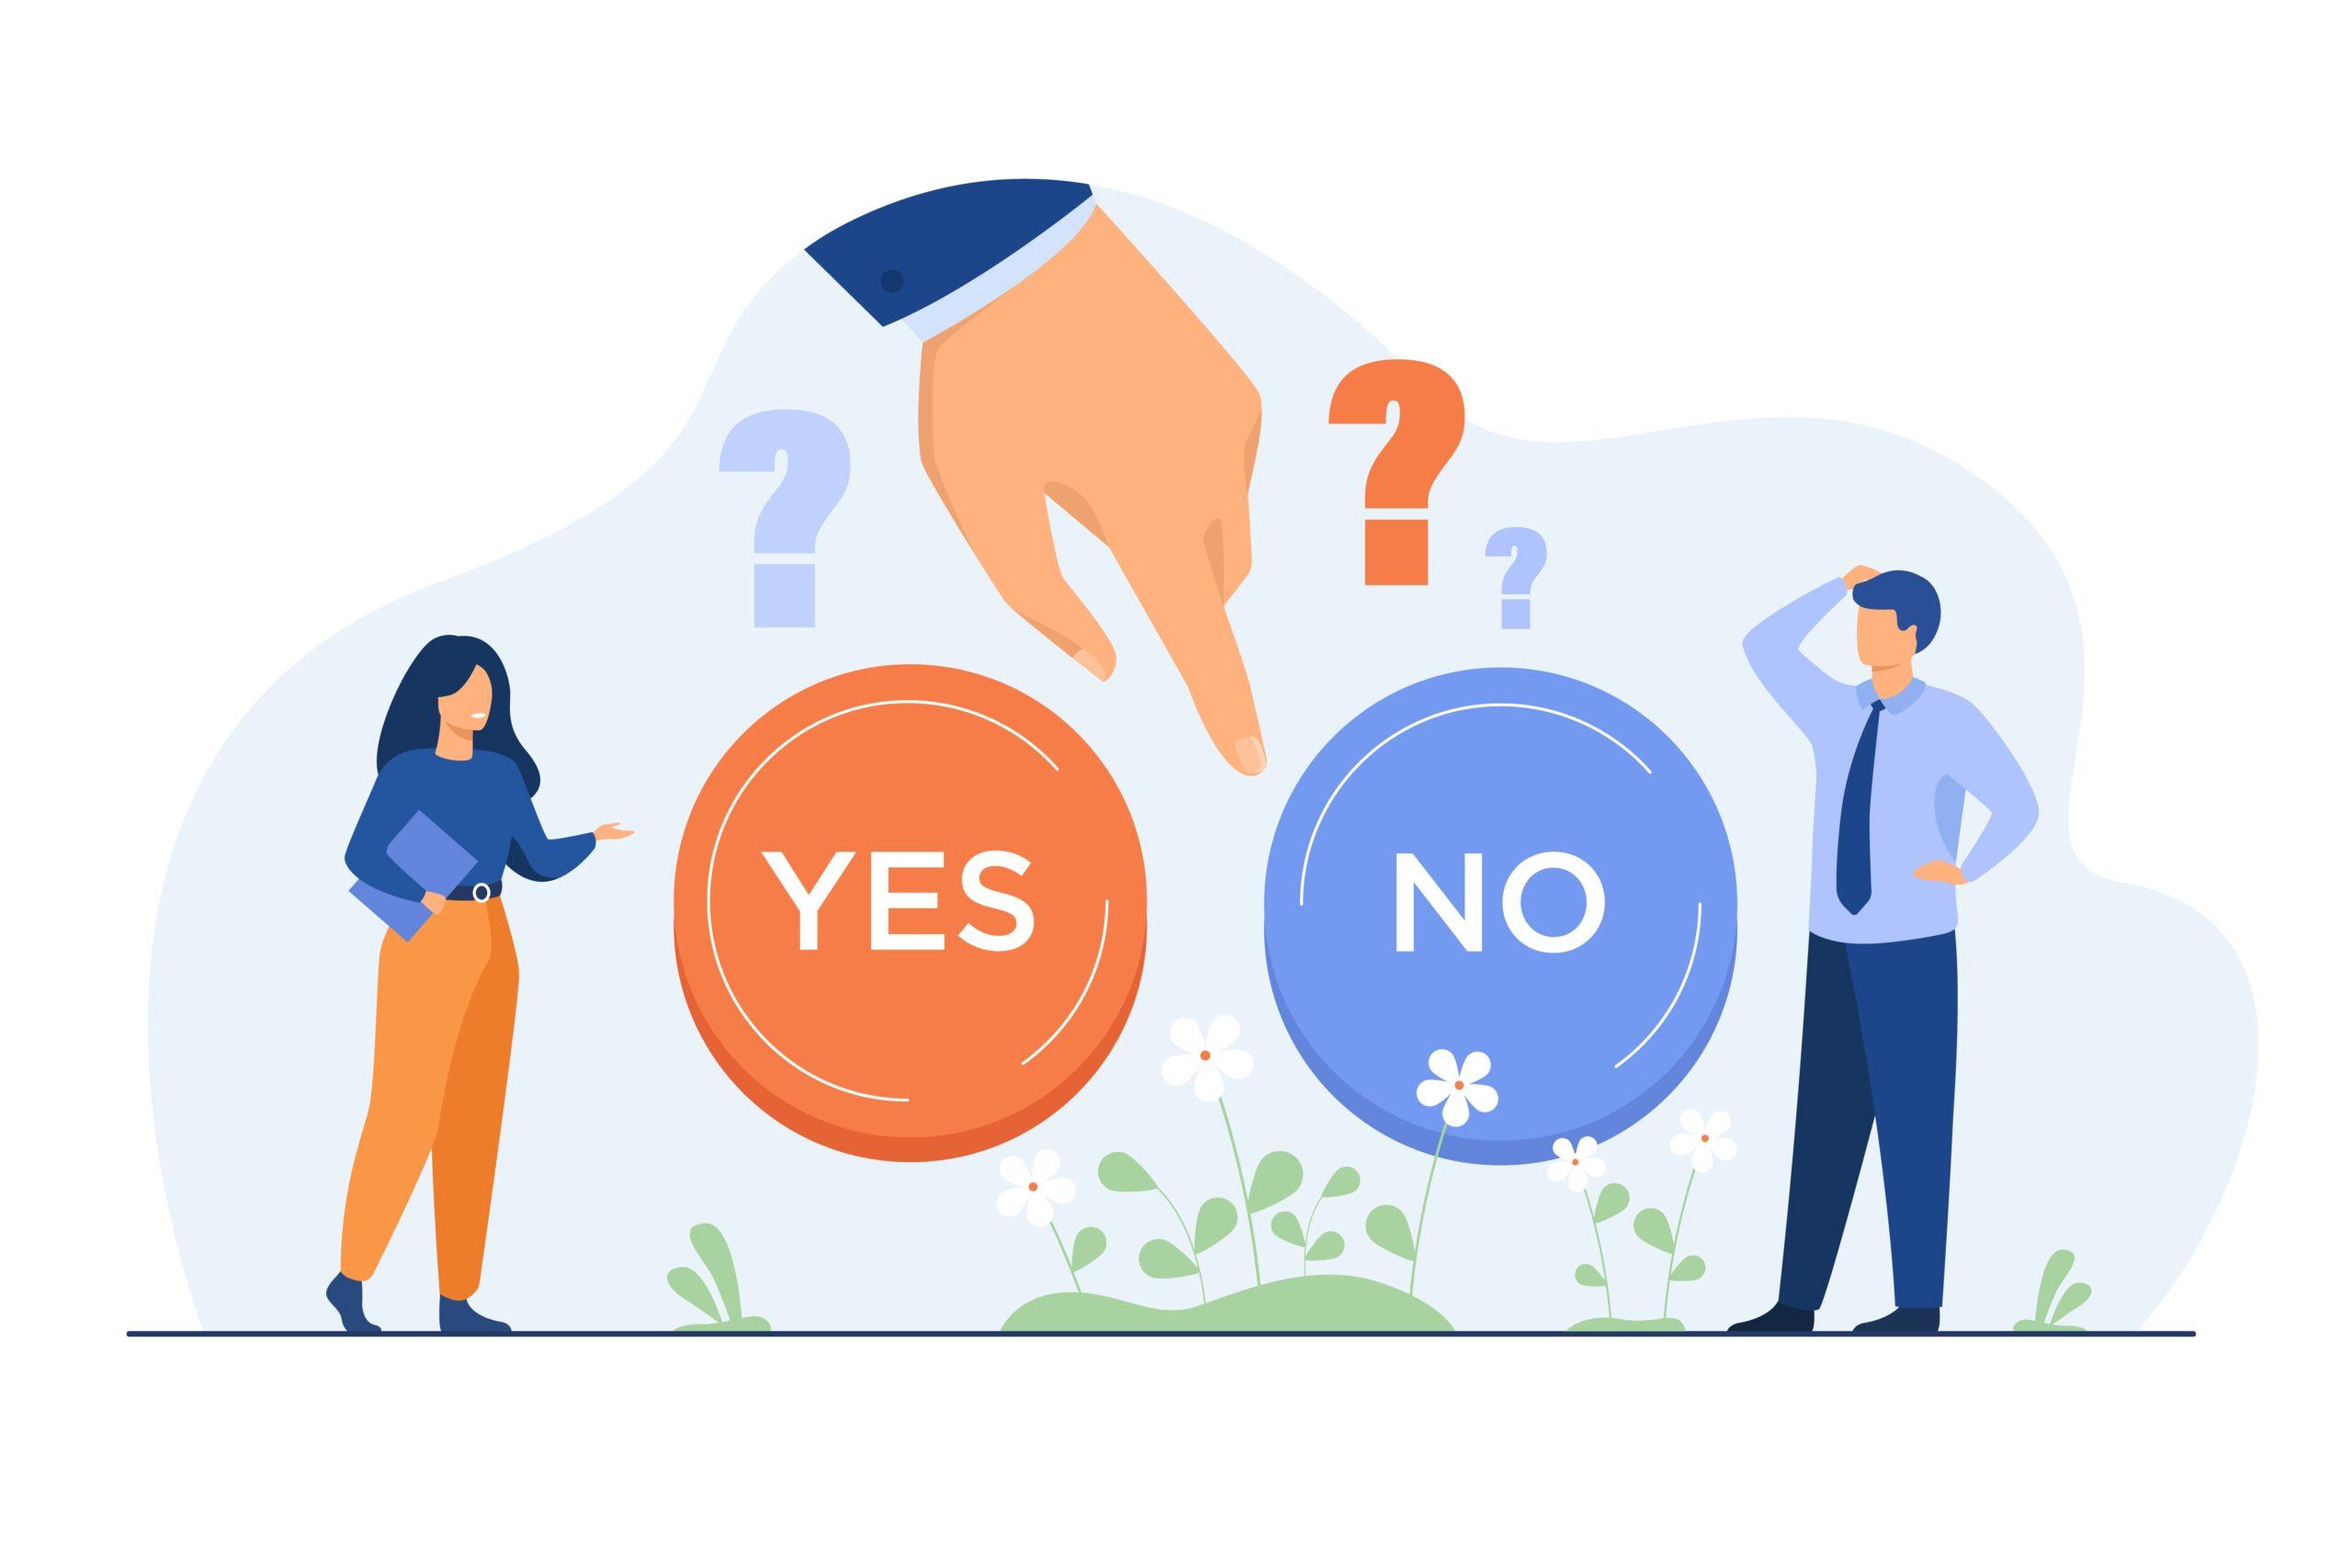 ウェブデザイン技能検定を独学でも取るべき人の特徴3選